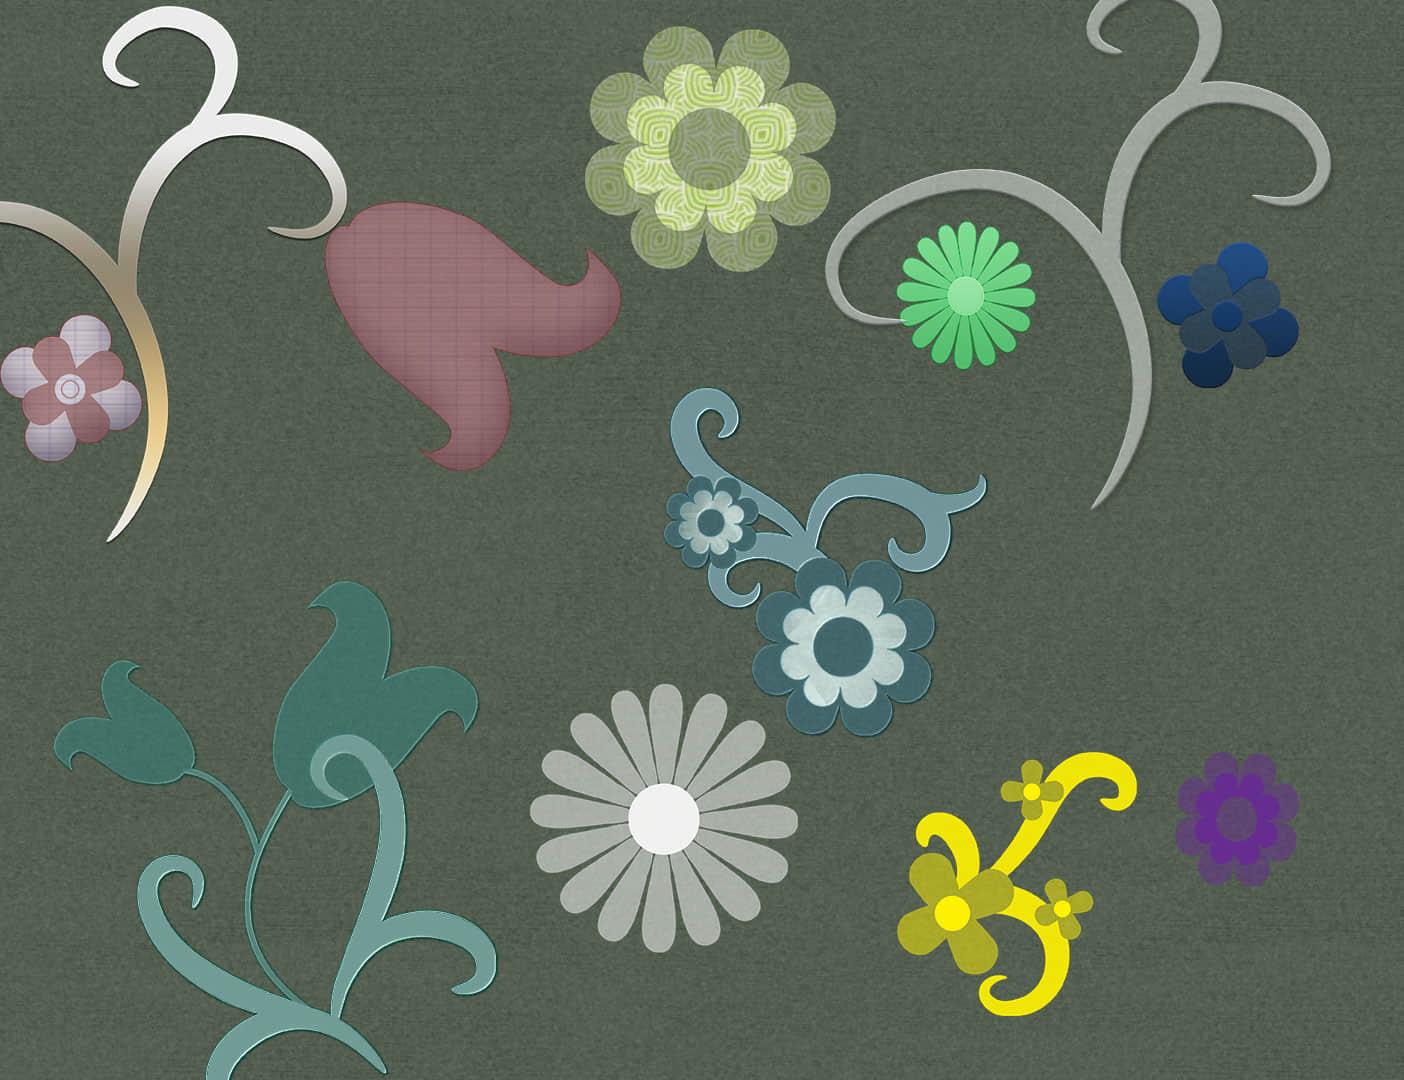 复古式鲜花图案PS笔刷素材下载 鲜花笔刷 花朵笔刷 复古花纹笔刷  flowers brushes